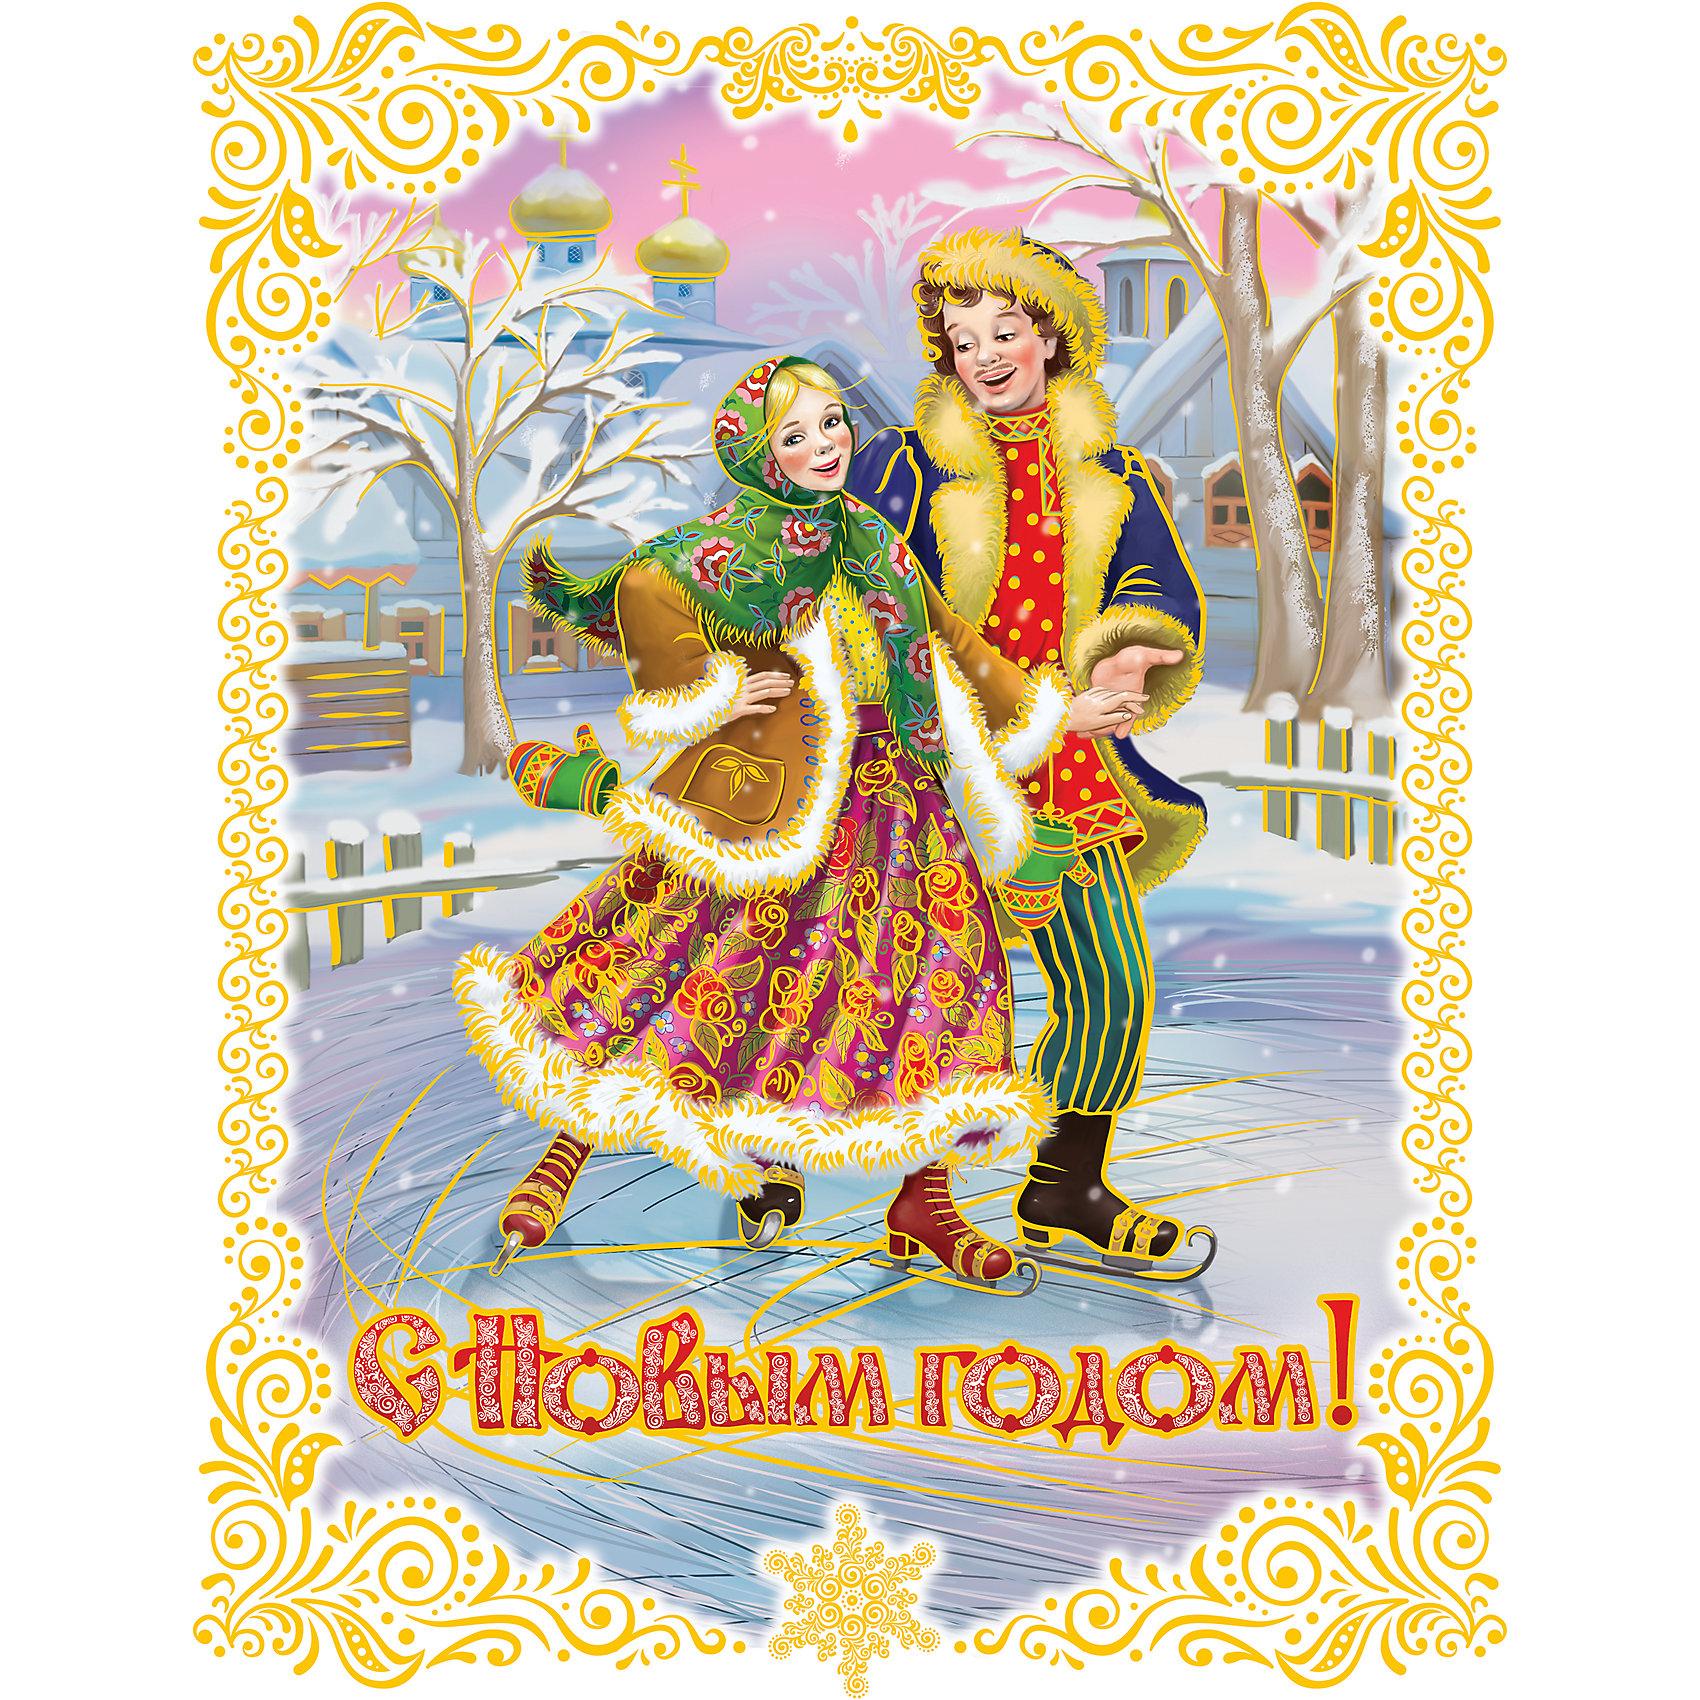 Феникс-Презент Новогоднее оконное украшение  Пара на коньках (30*38 см из ПВХ пленки ) новогоднее оконное украшение феникс презент обезьянки